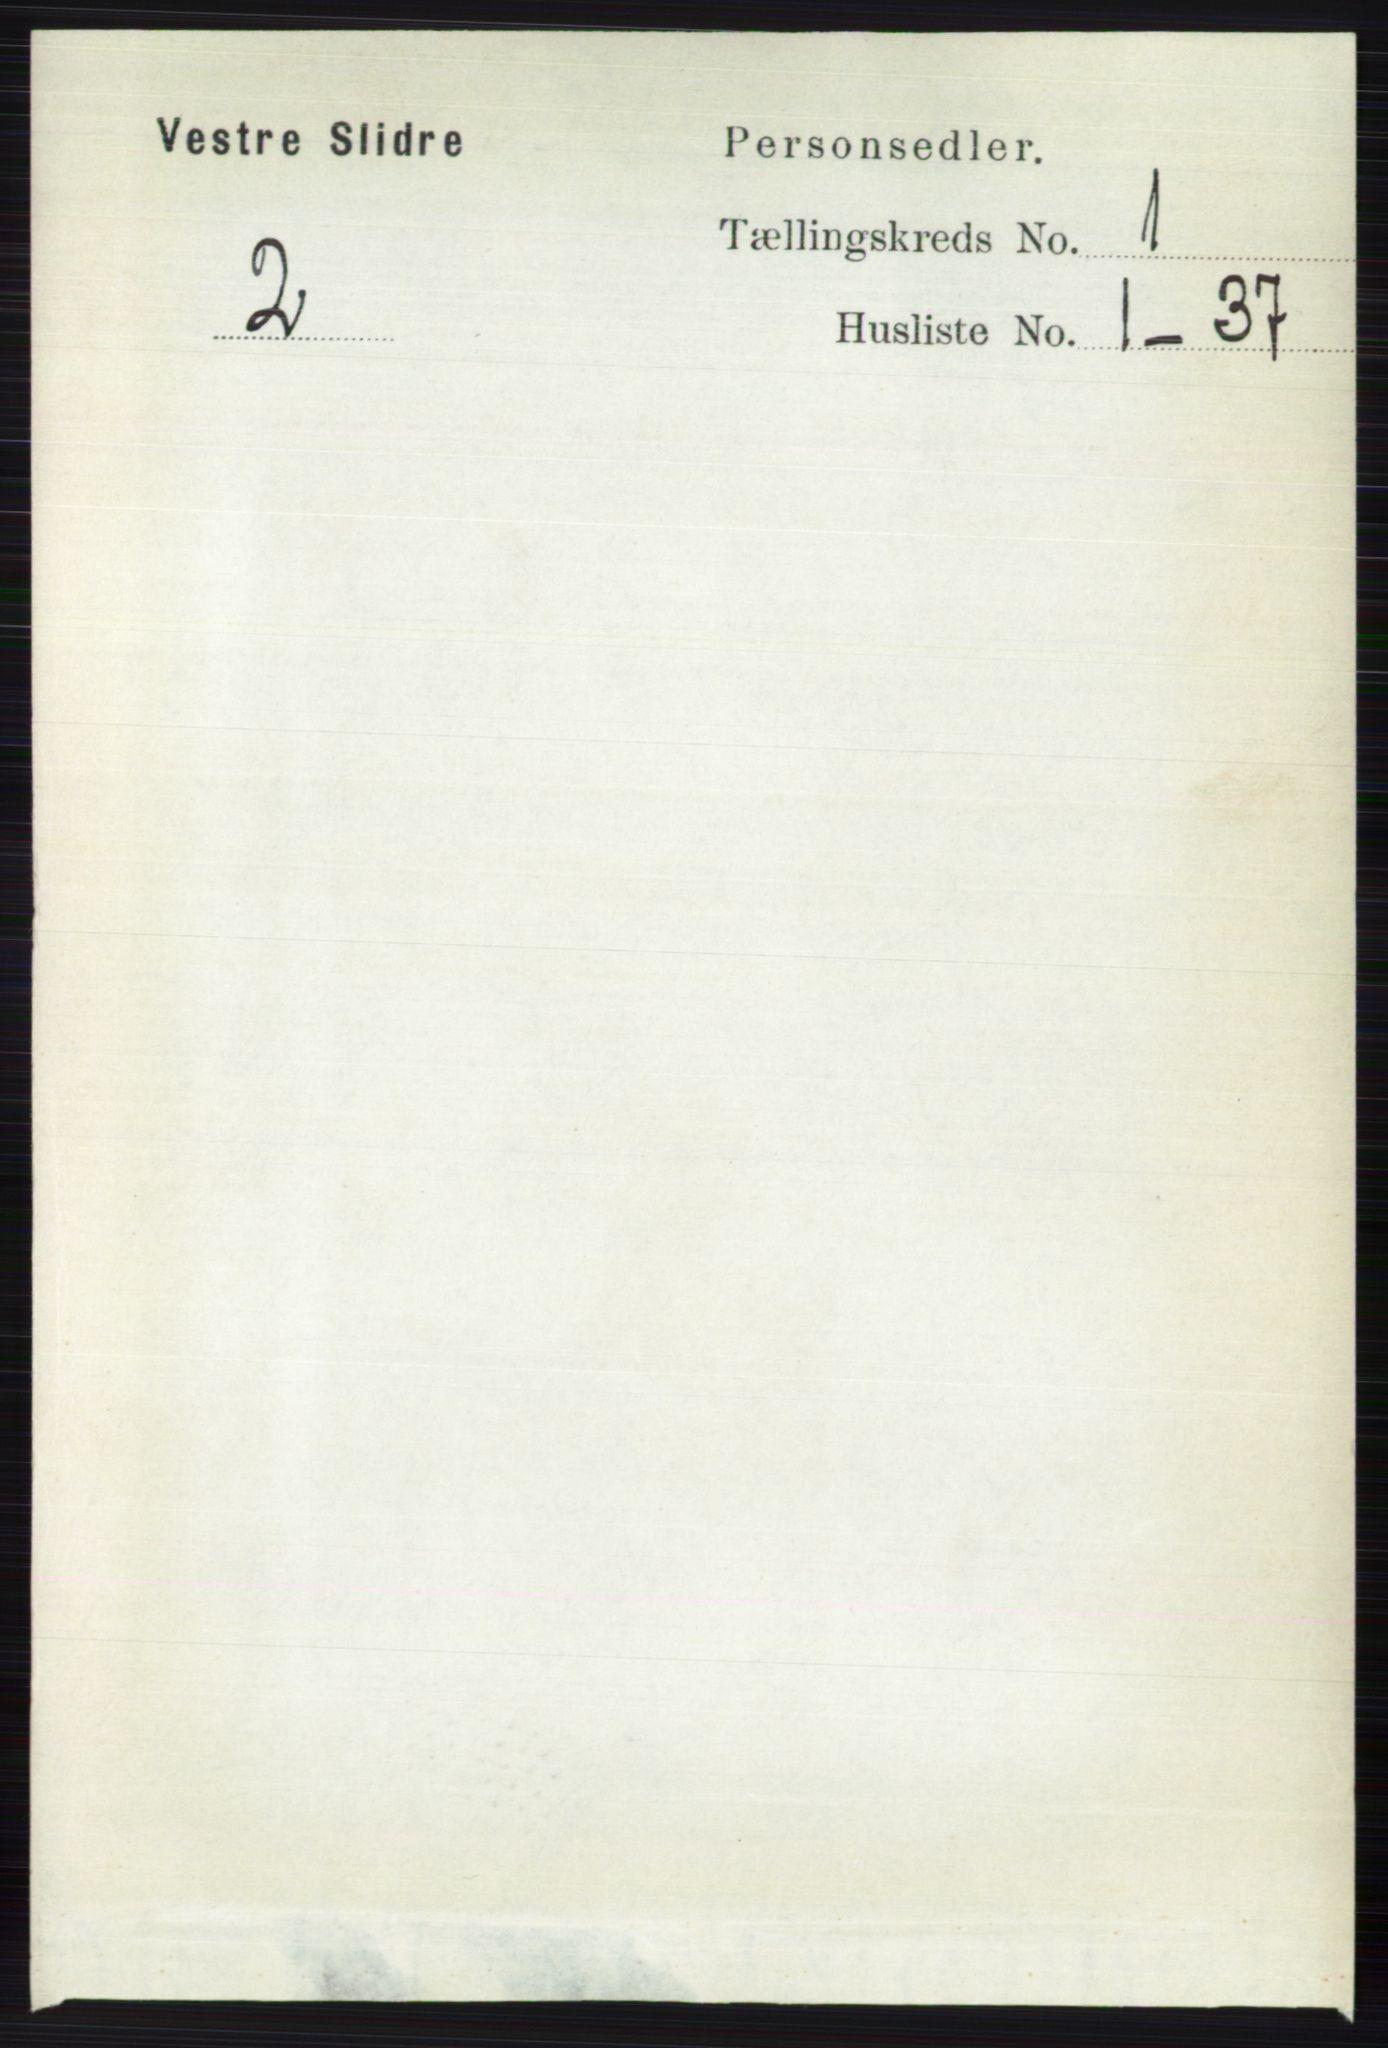 RA, Folketelling 1891 for 0543 Vestre Slidre herred, 1891, s. 98